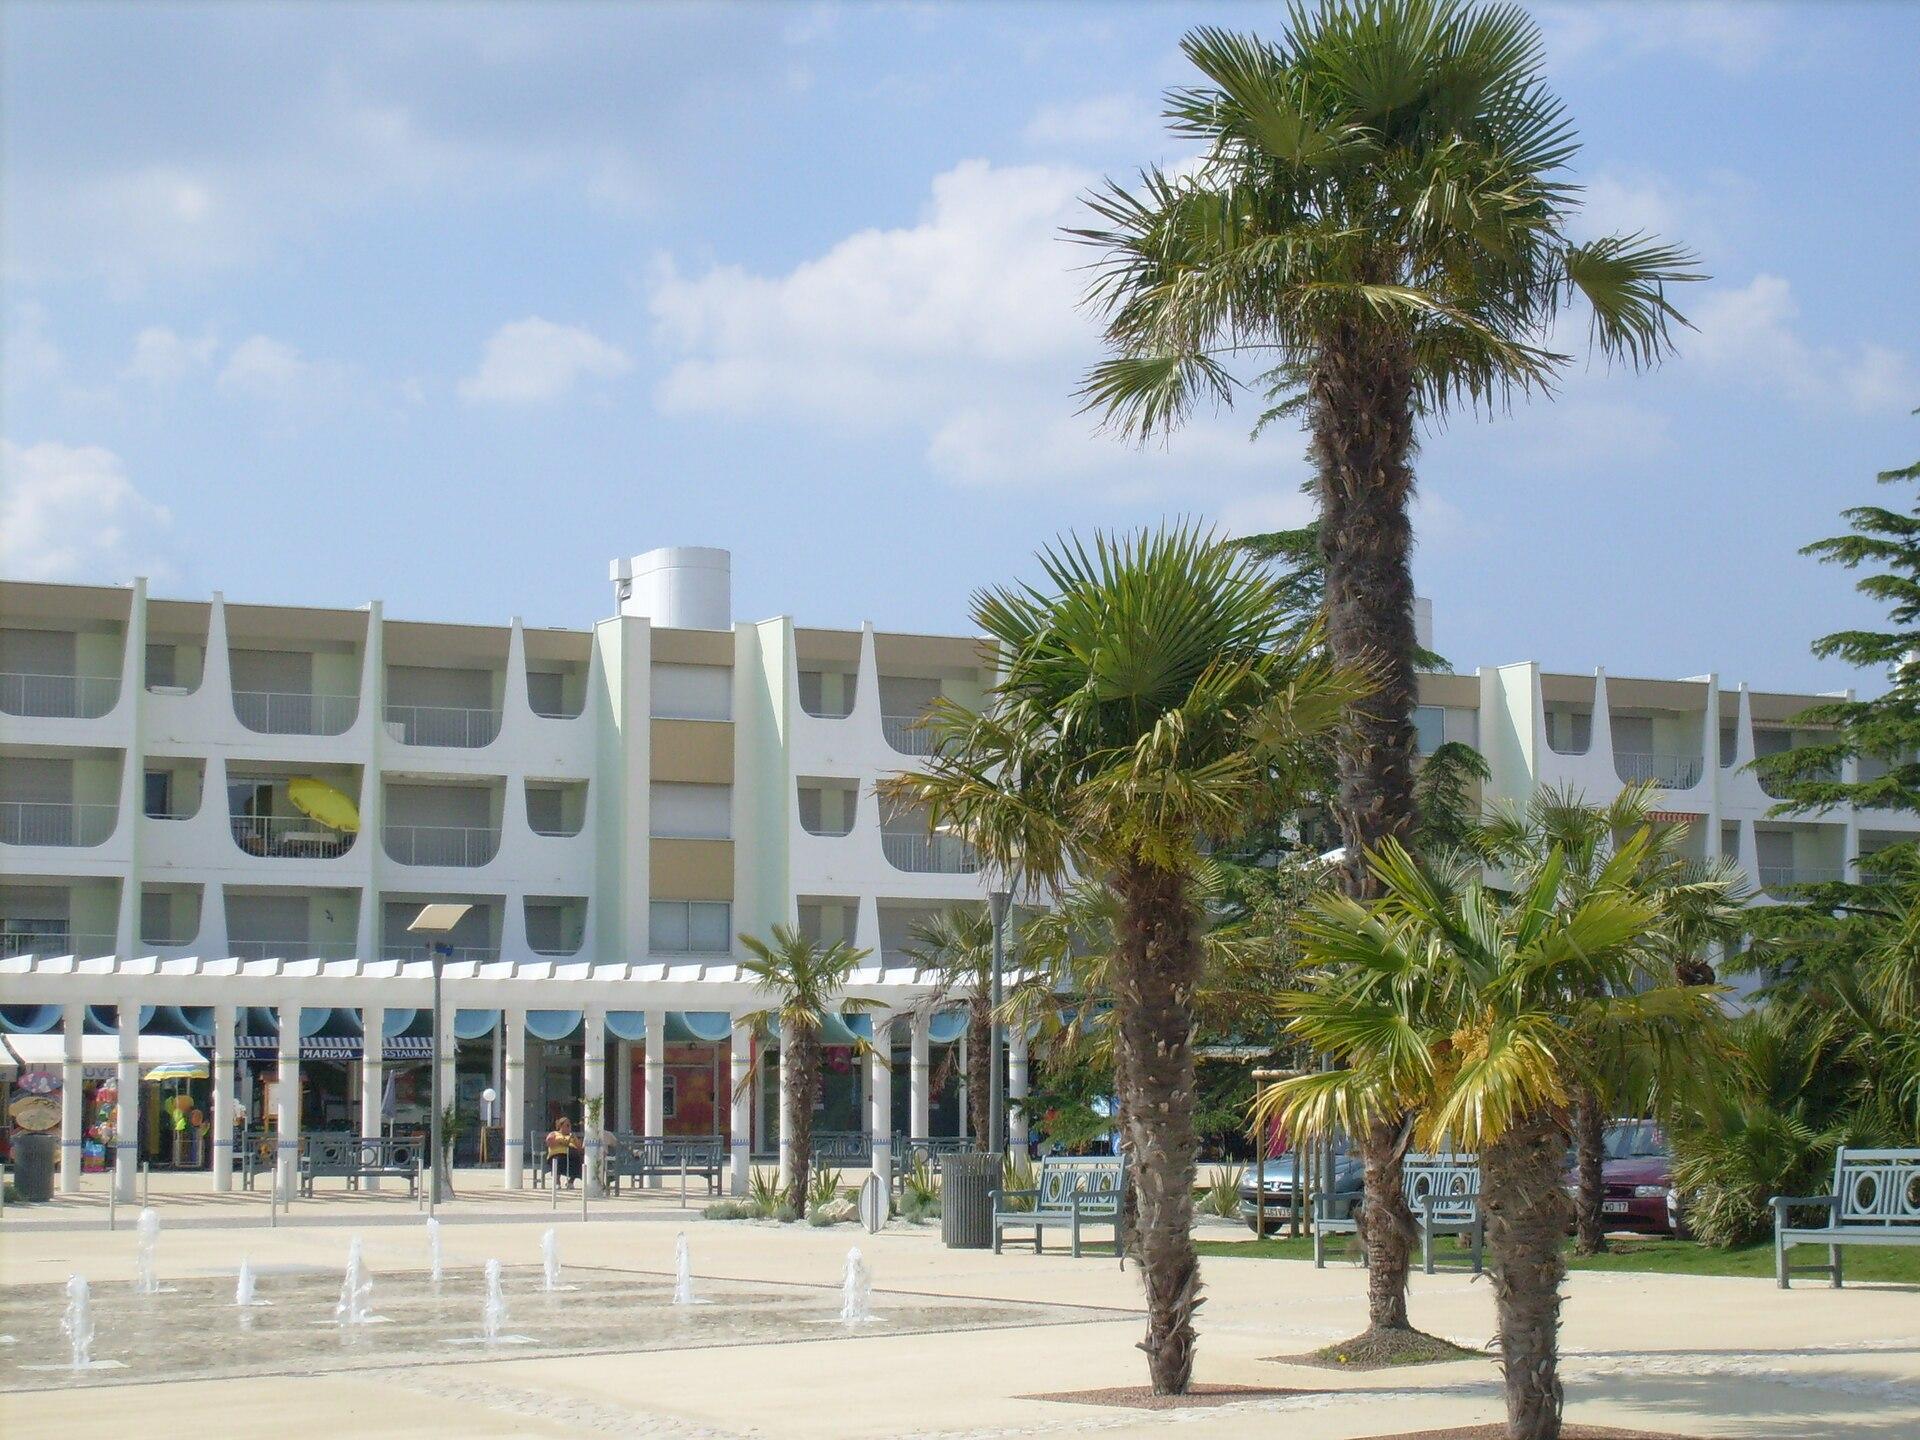 Saint palais sur mer wikip dia - Office du tourisme de saint palais sur mer ...